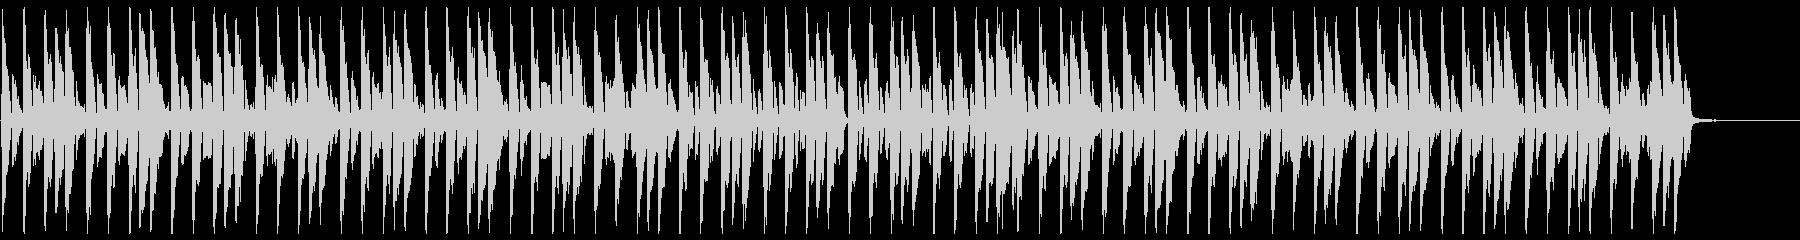 リコーダーアンサンブルによる可愛いマーチの未再生の波形